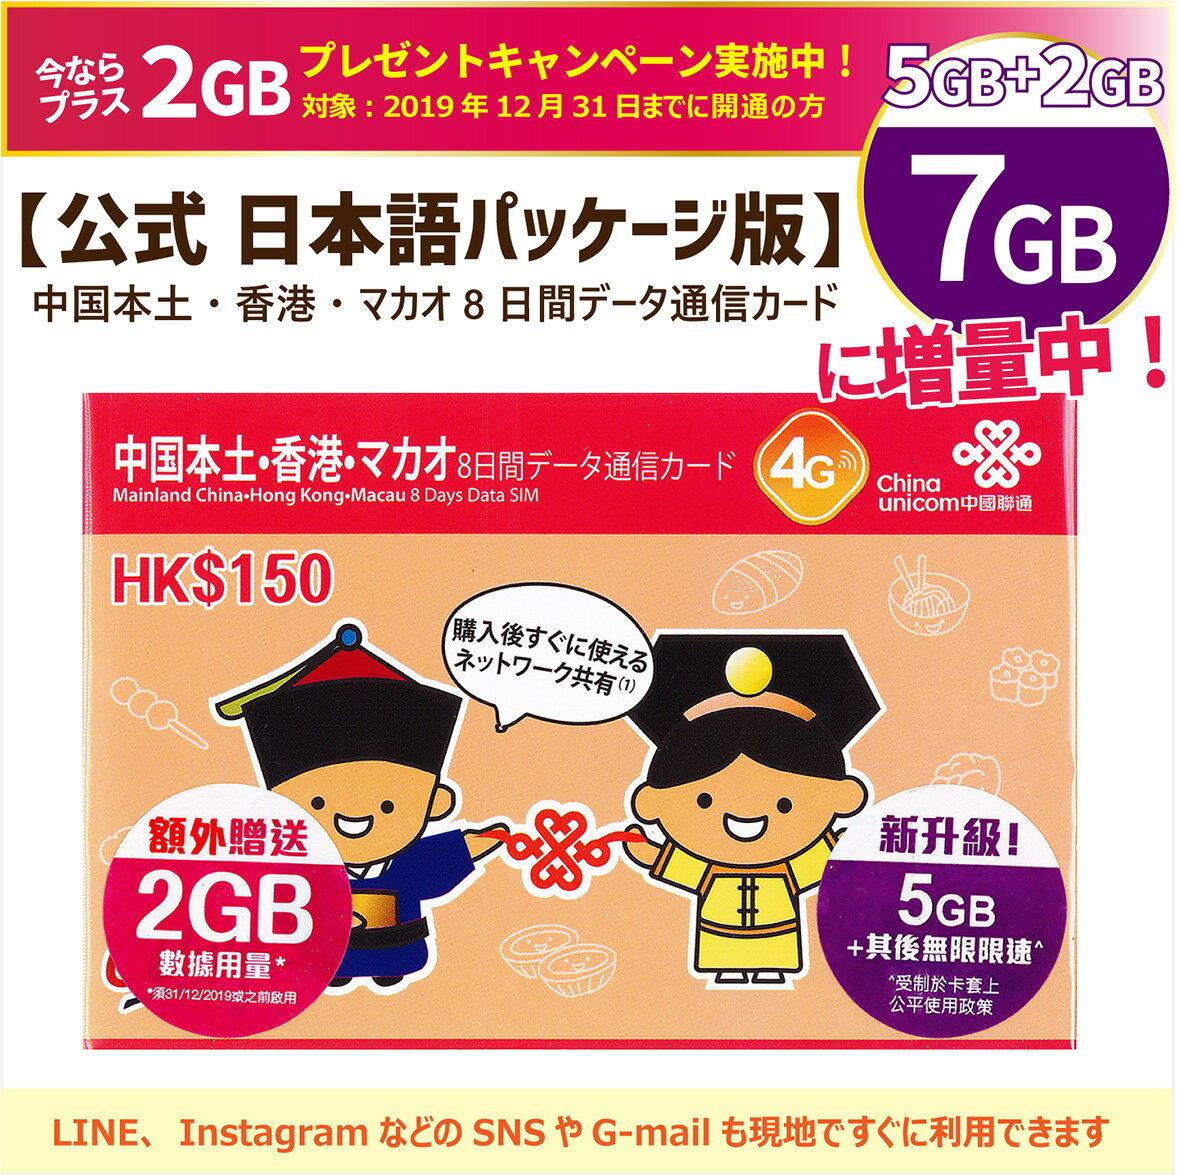 中国・香港・マカオ データ通信SIMカード[7GB/8日間] 正規日本語版!China Unicom ※開通期限2020/12/31 ☆10月より7GBに増量。